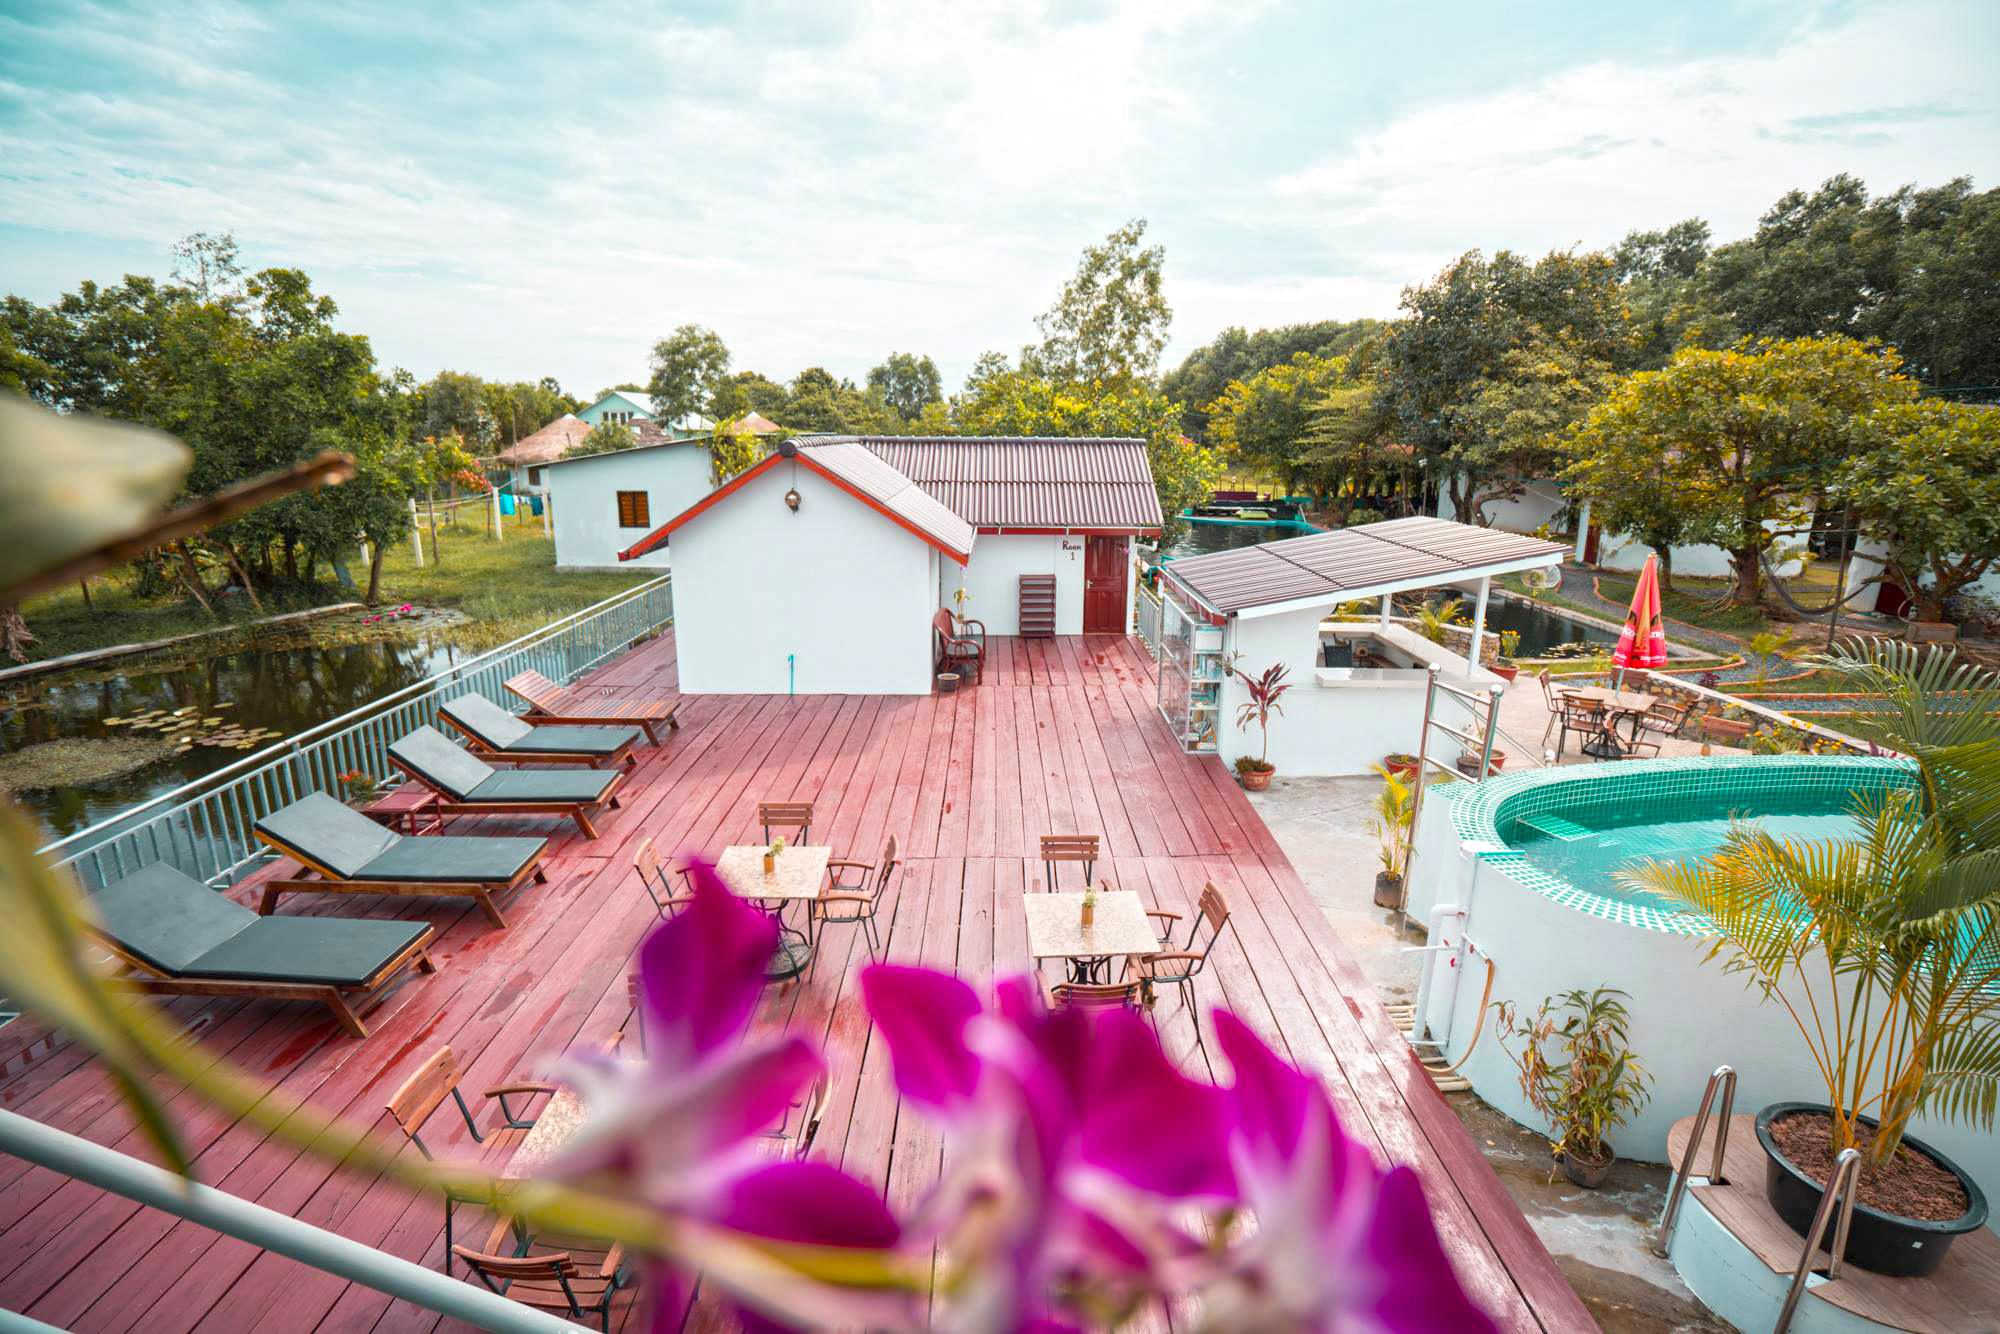 Bohemiaz Resort and Spa